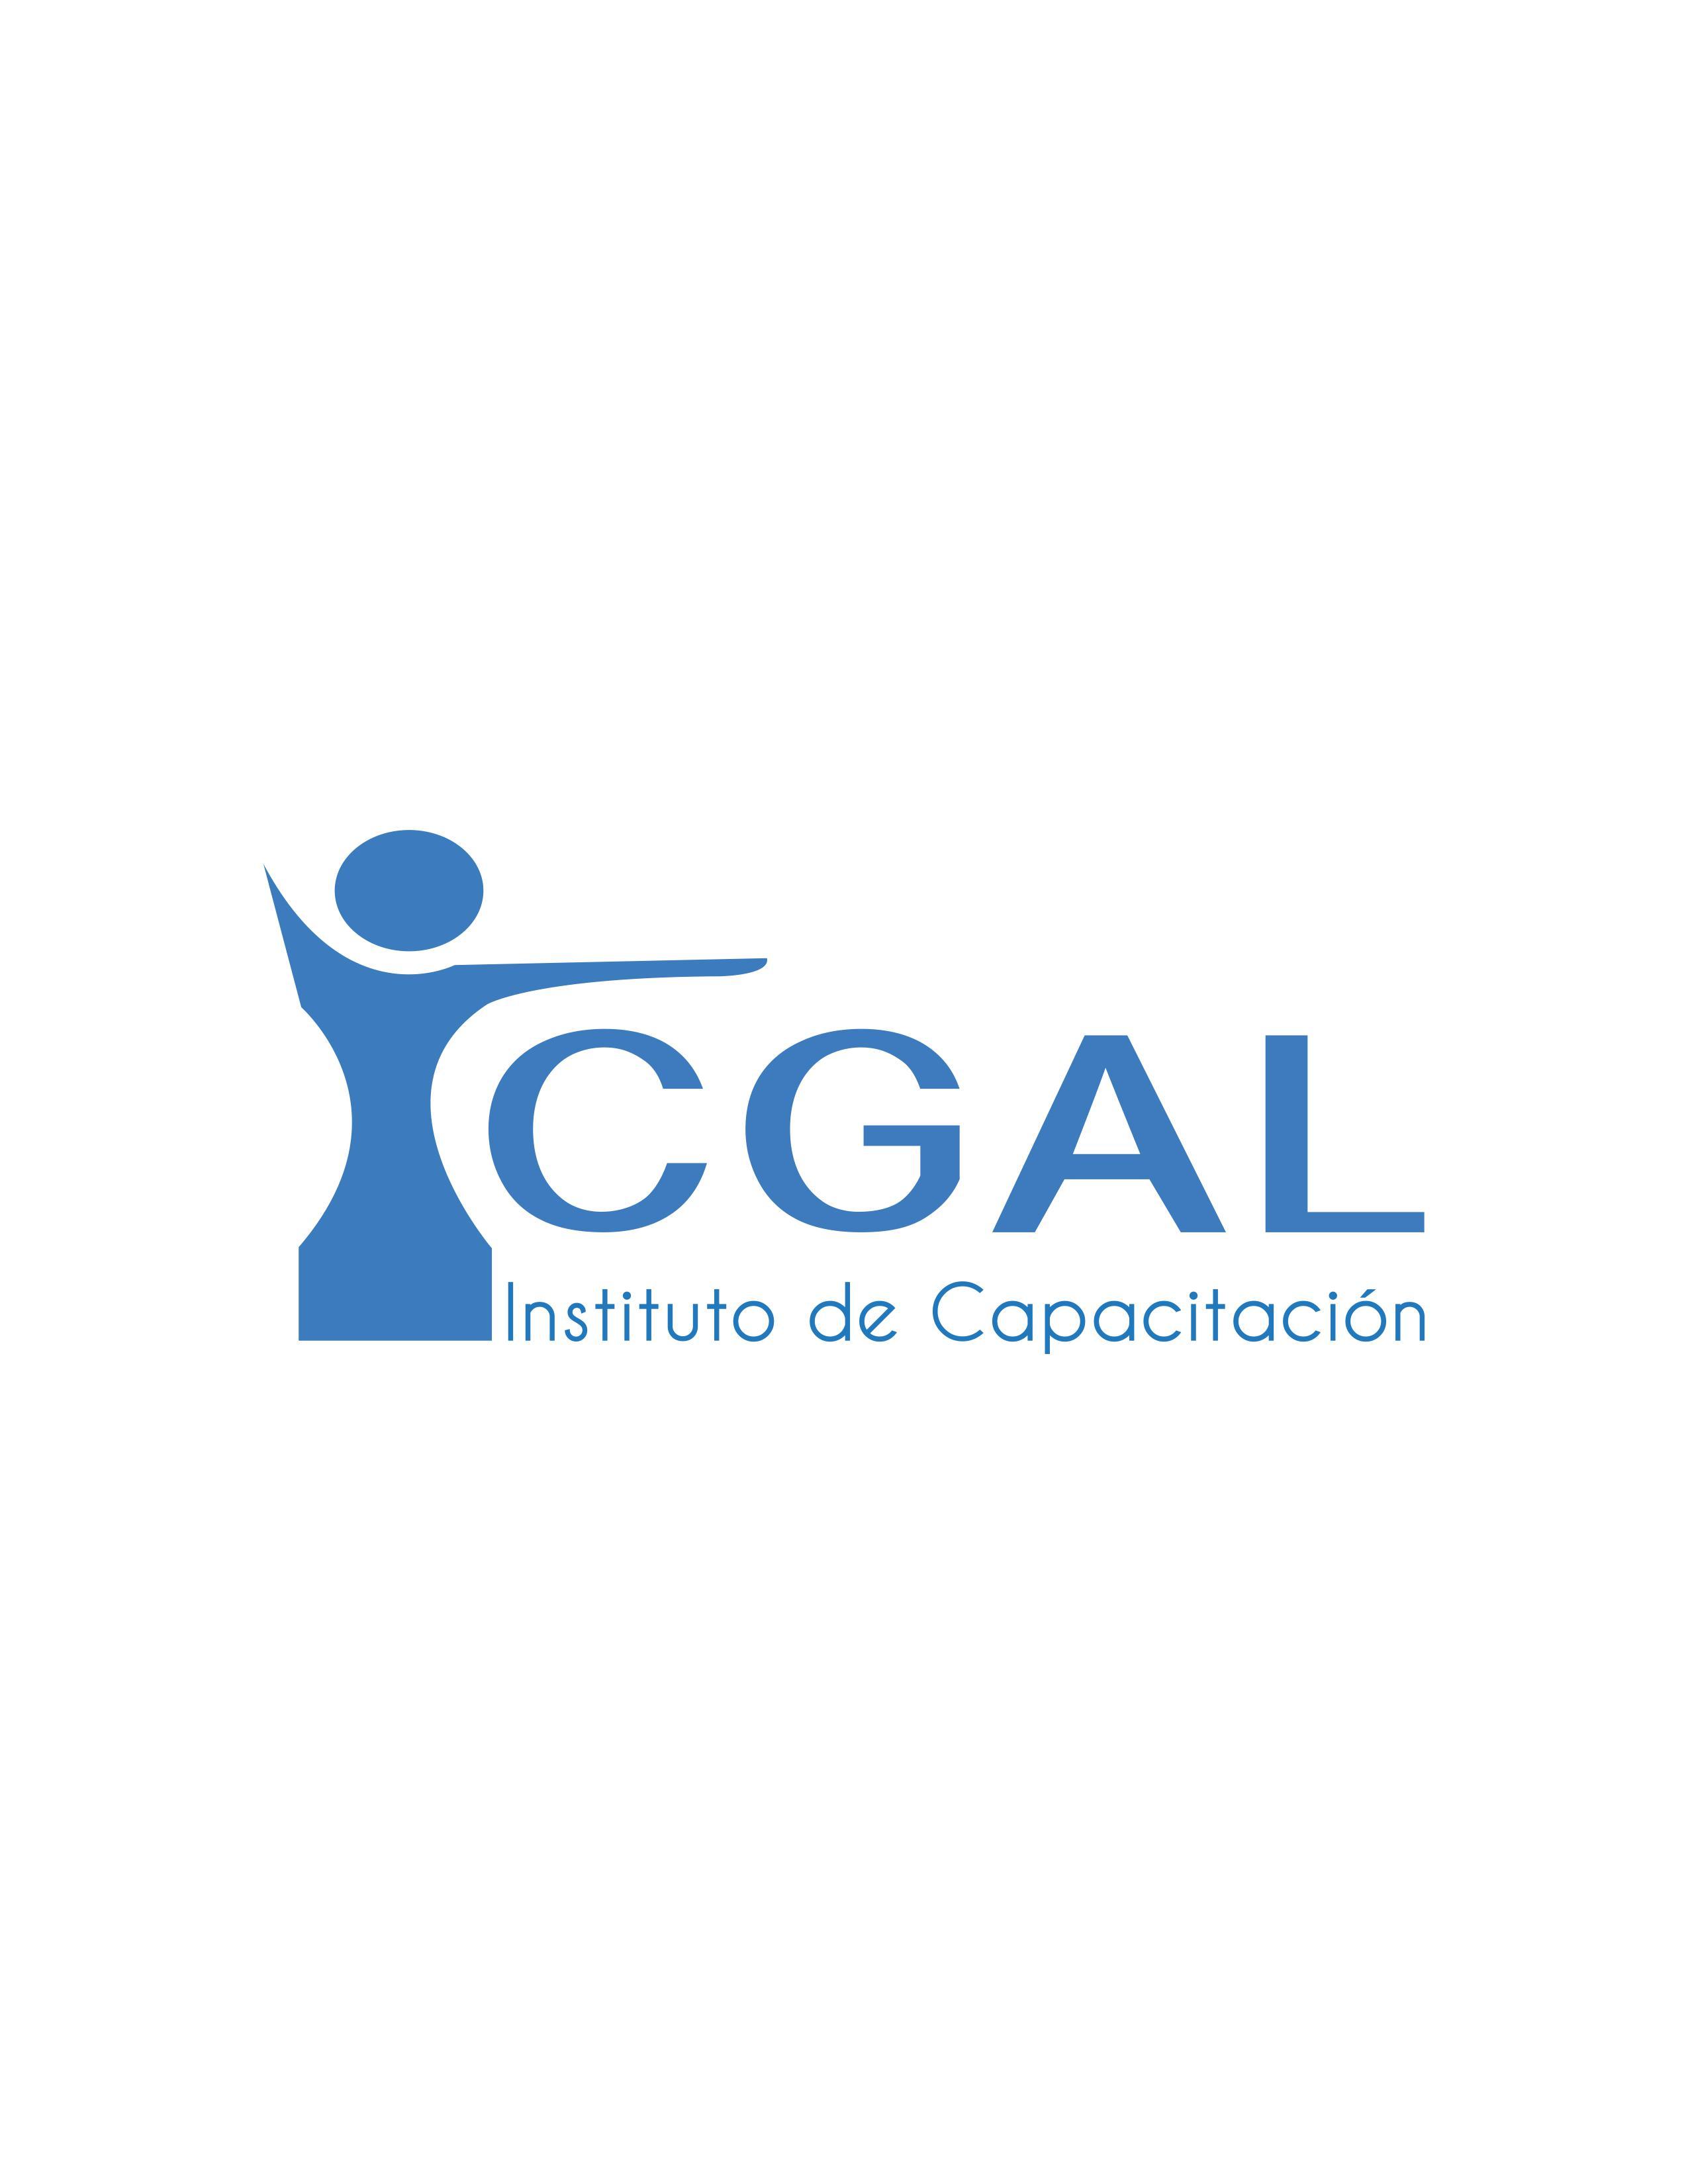 Logo ICGAL instituto de Capacitación